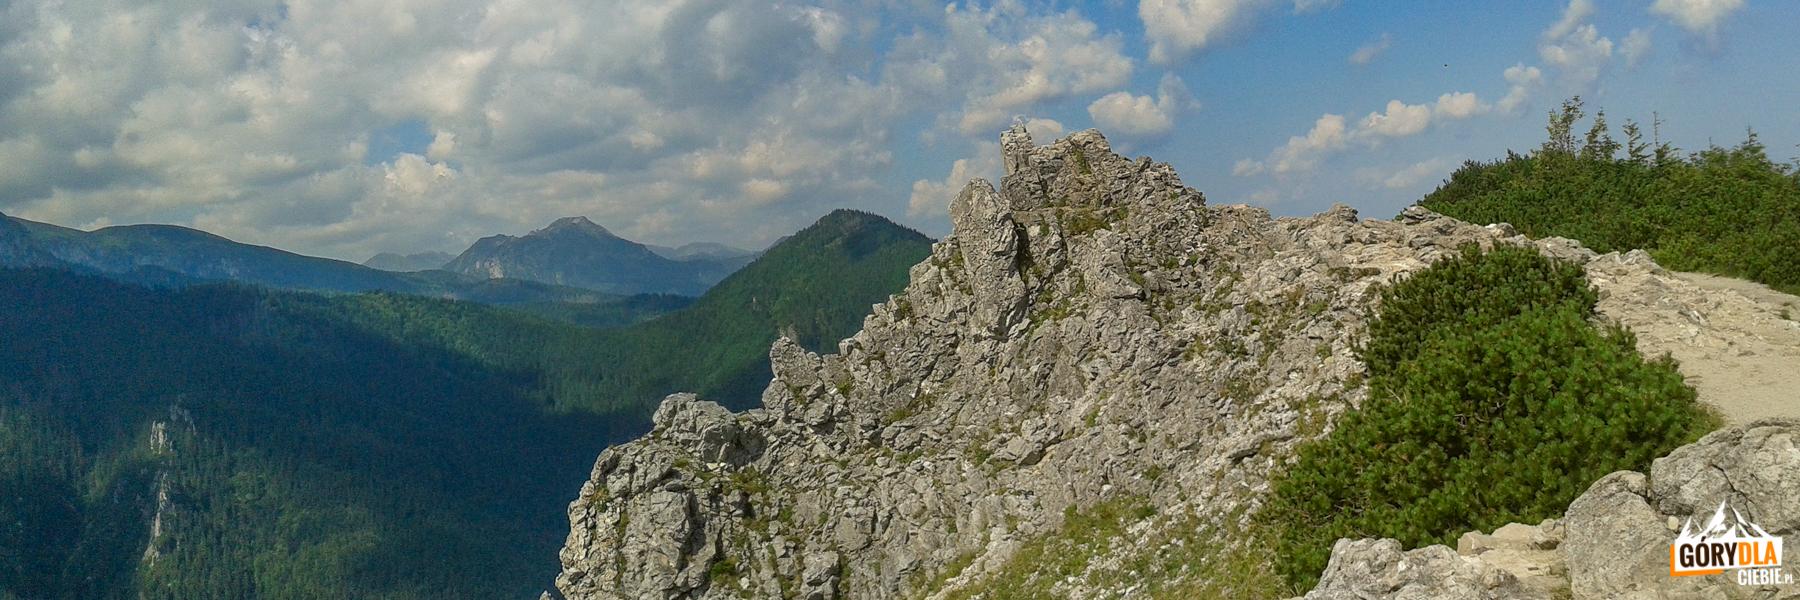 Widok z Sarniej Skały (1377 m) na Kominiarski Wierch (1829 m